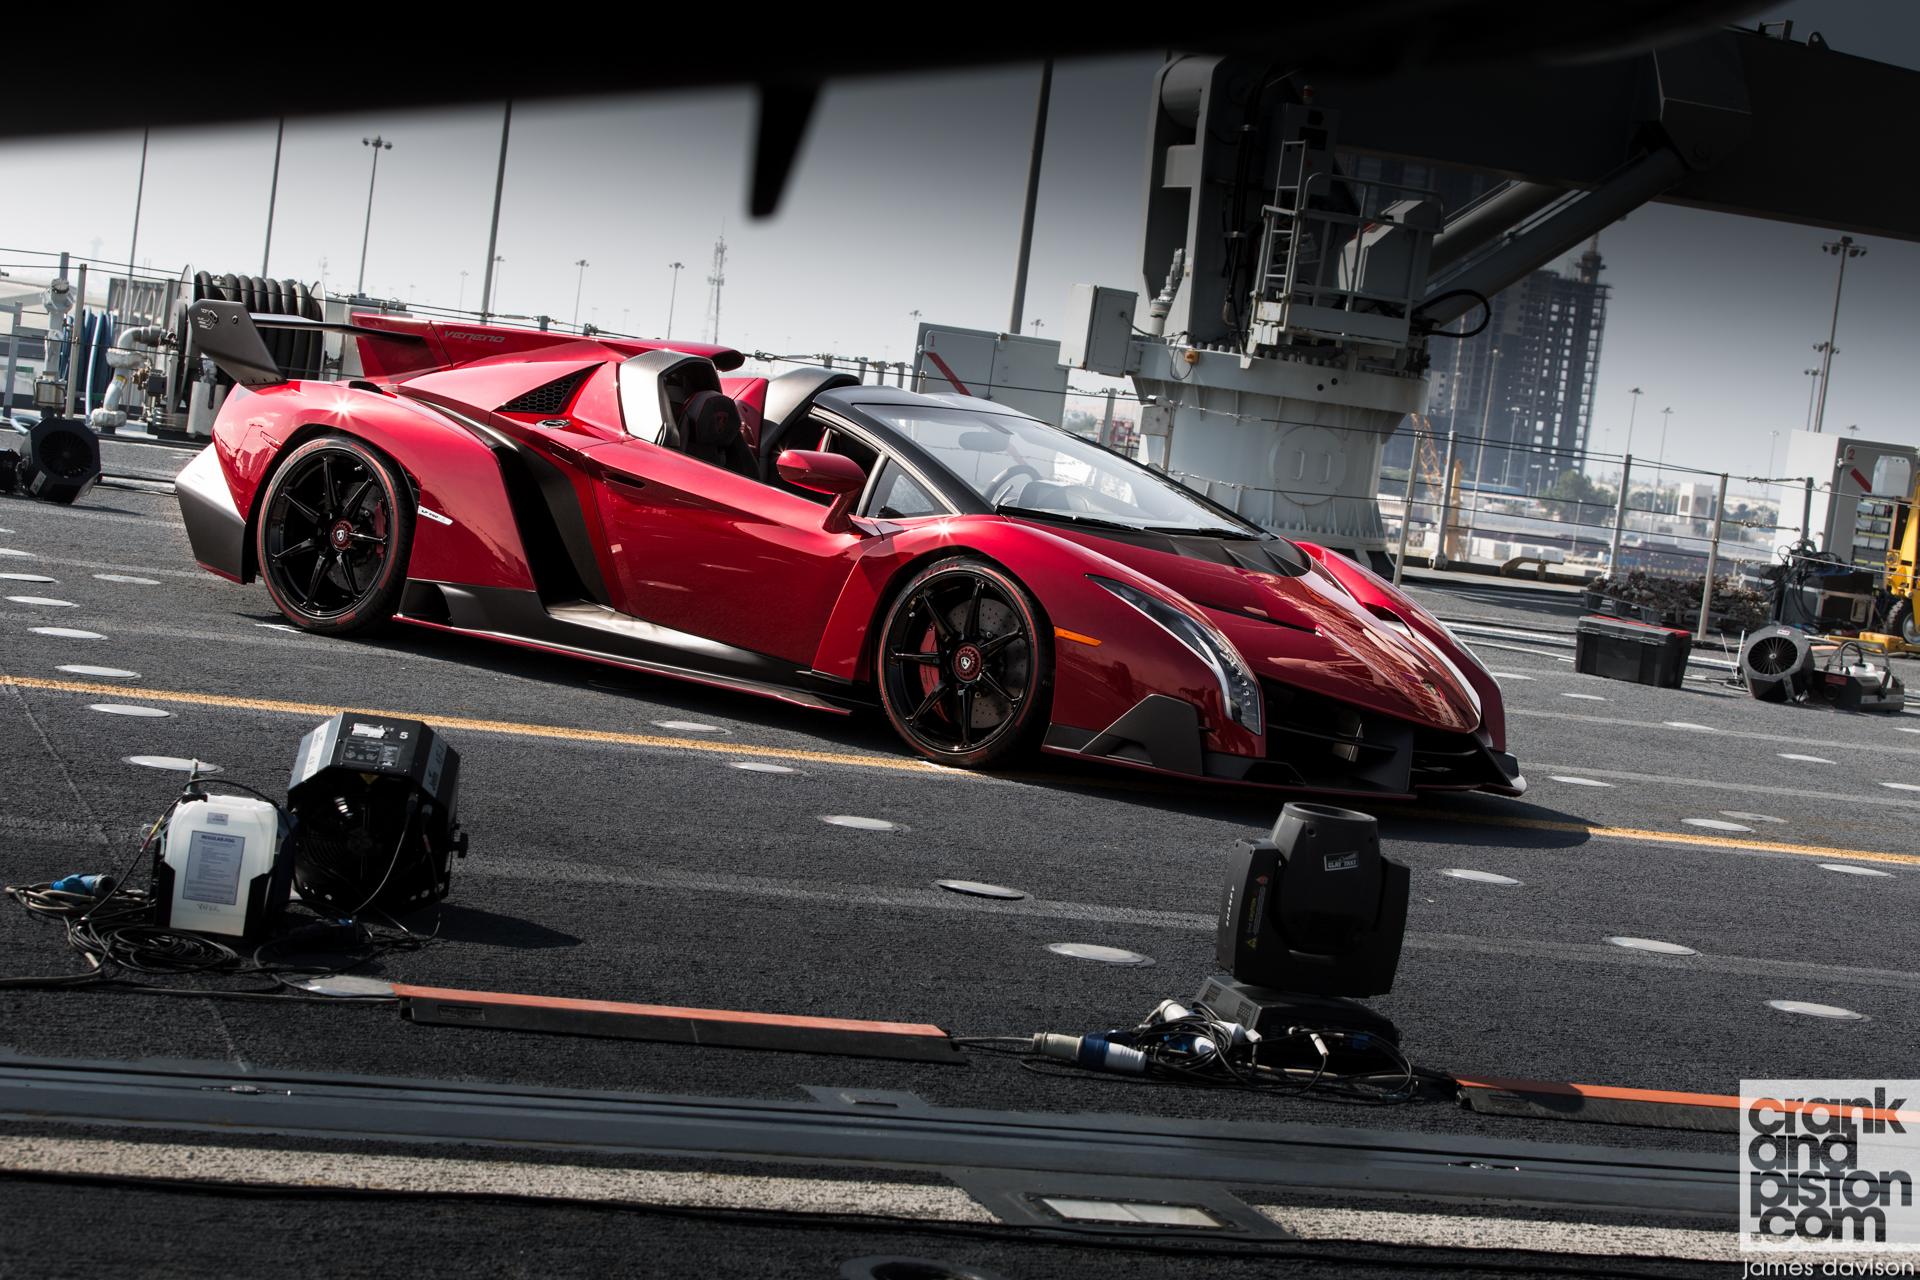 Lamborghini Veneno Roadster - crankandpiston.com